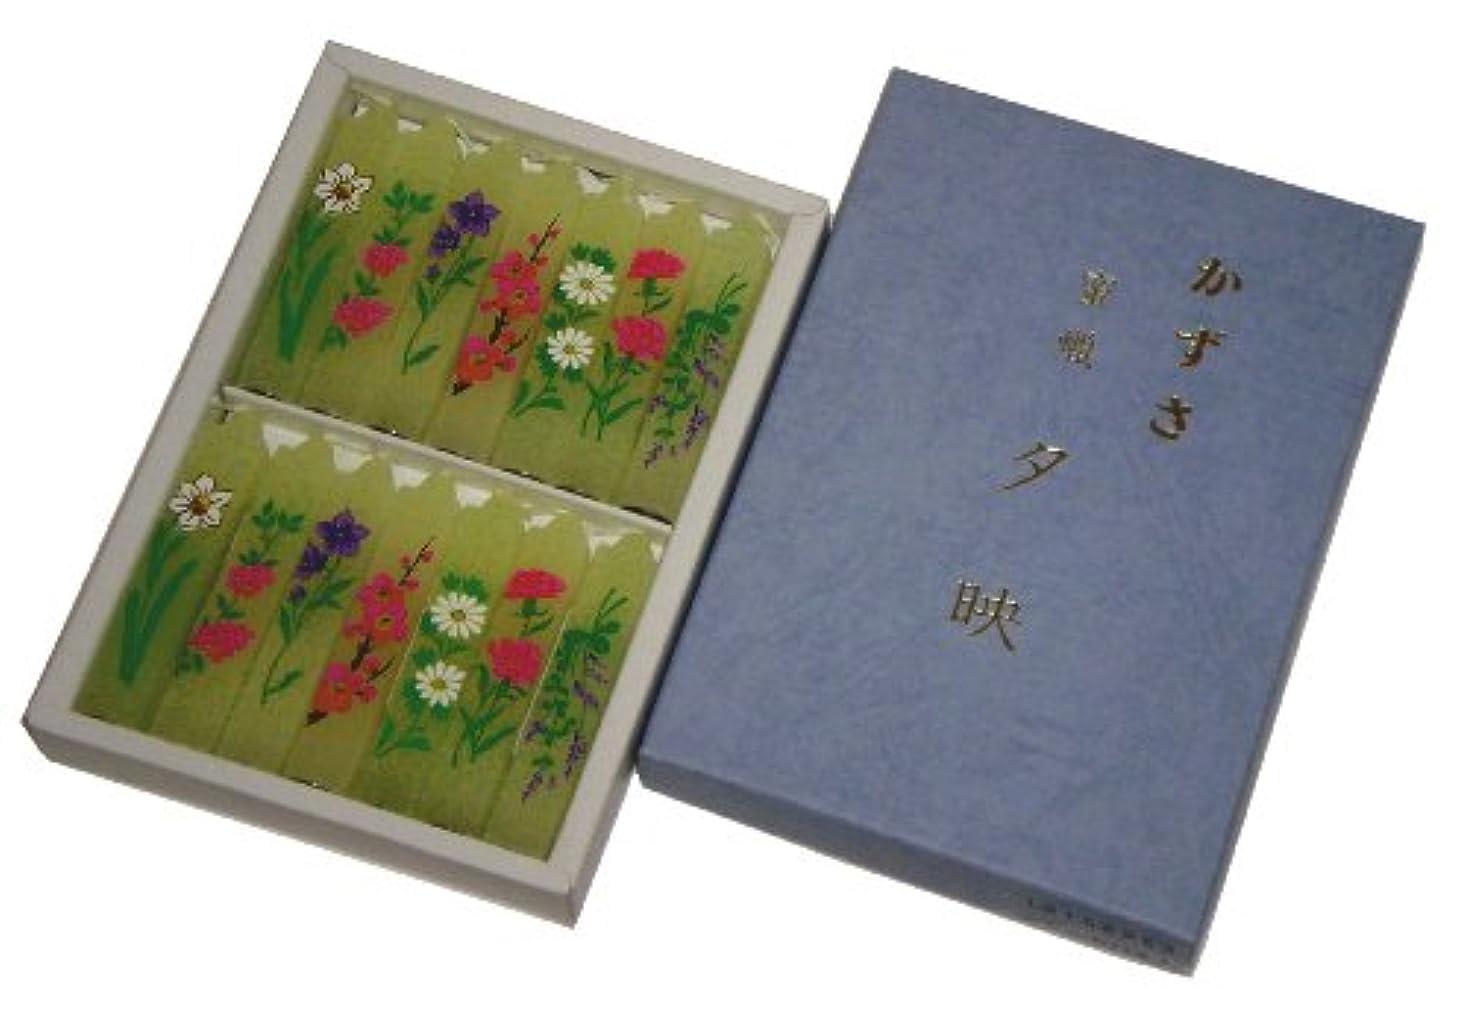 二威するレジ鳥居のローソク 蜜蝋小夕映 アソート14本(かずさ替) 磁石付 #100960